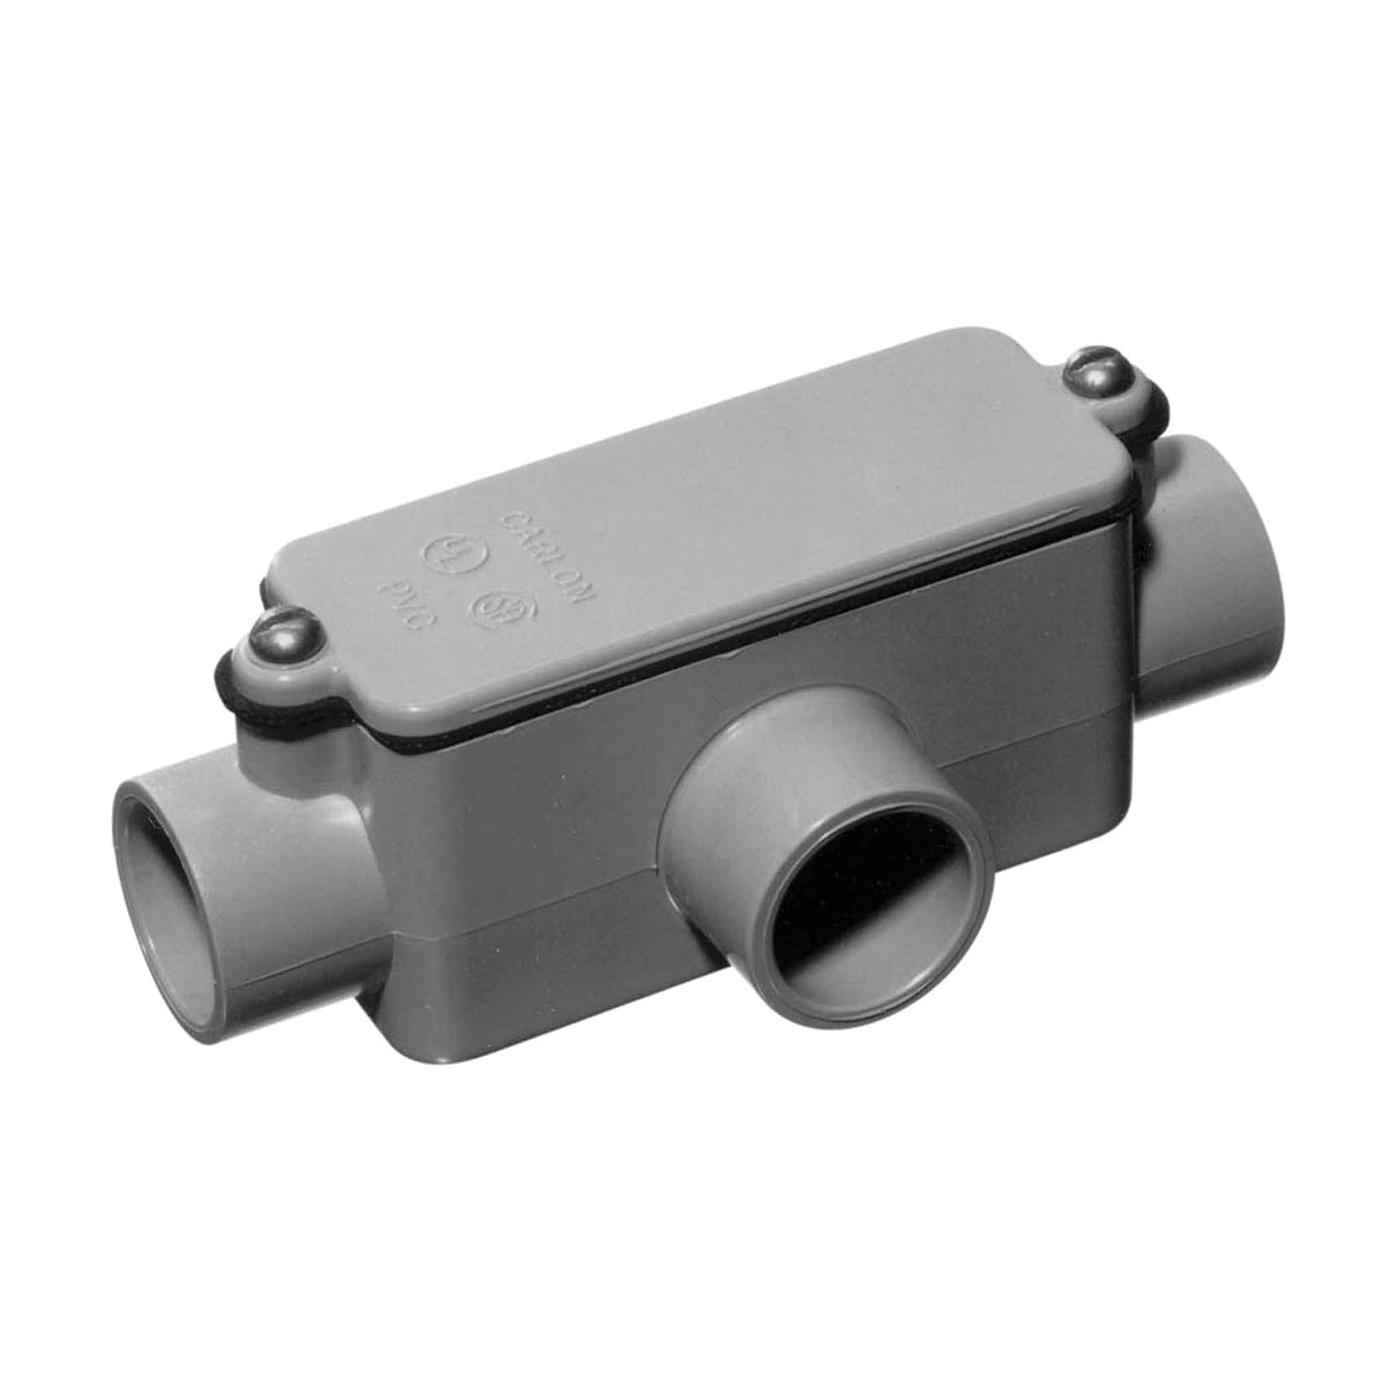 Picture of Carlon E983FR-CTN Conduit Body, PVC, Gray